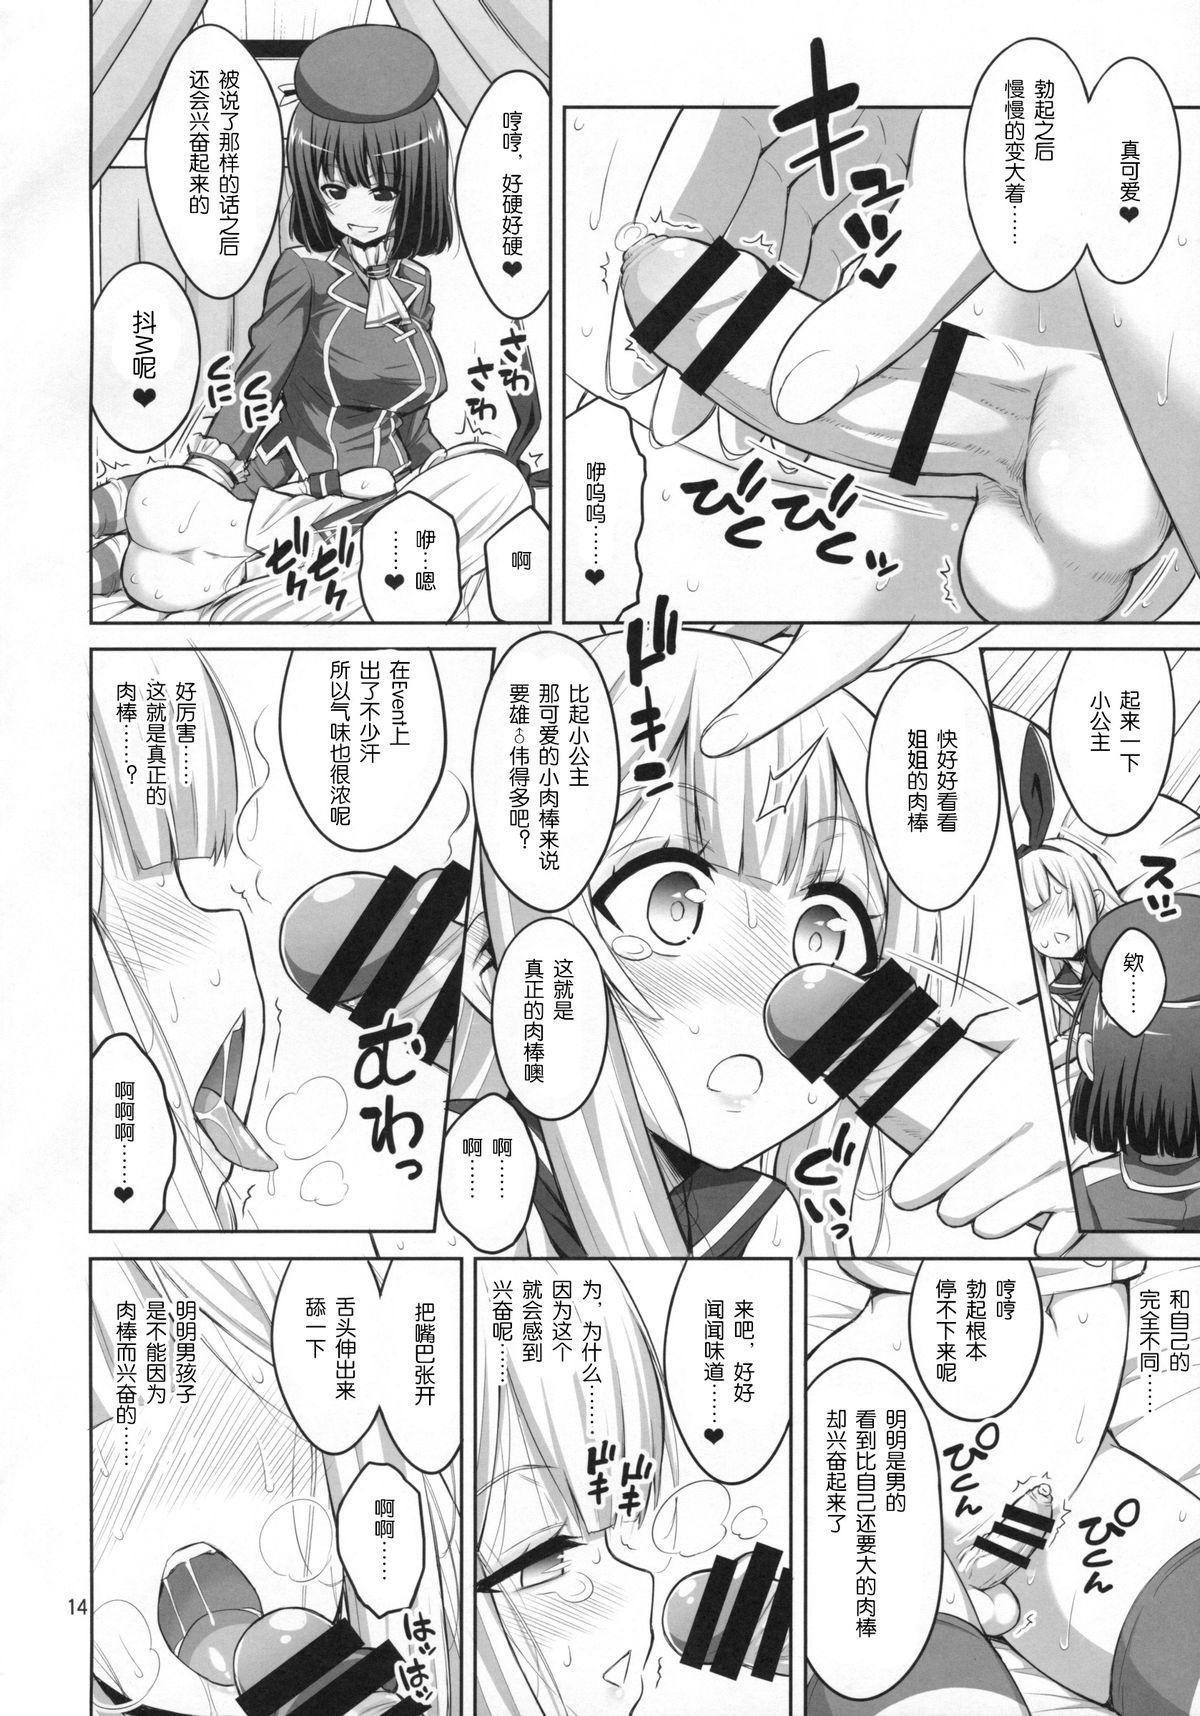 Futanari Onee-san x Otokonoko Cosplayer ♥ Mesu Ochi Choukyou 12